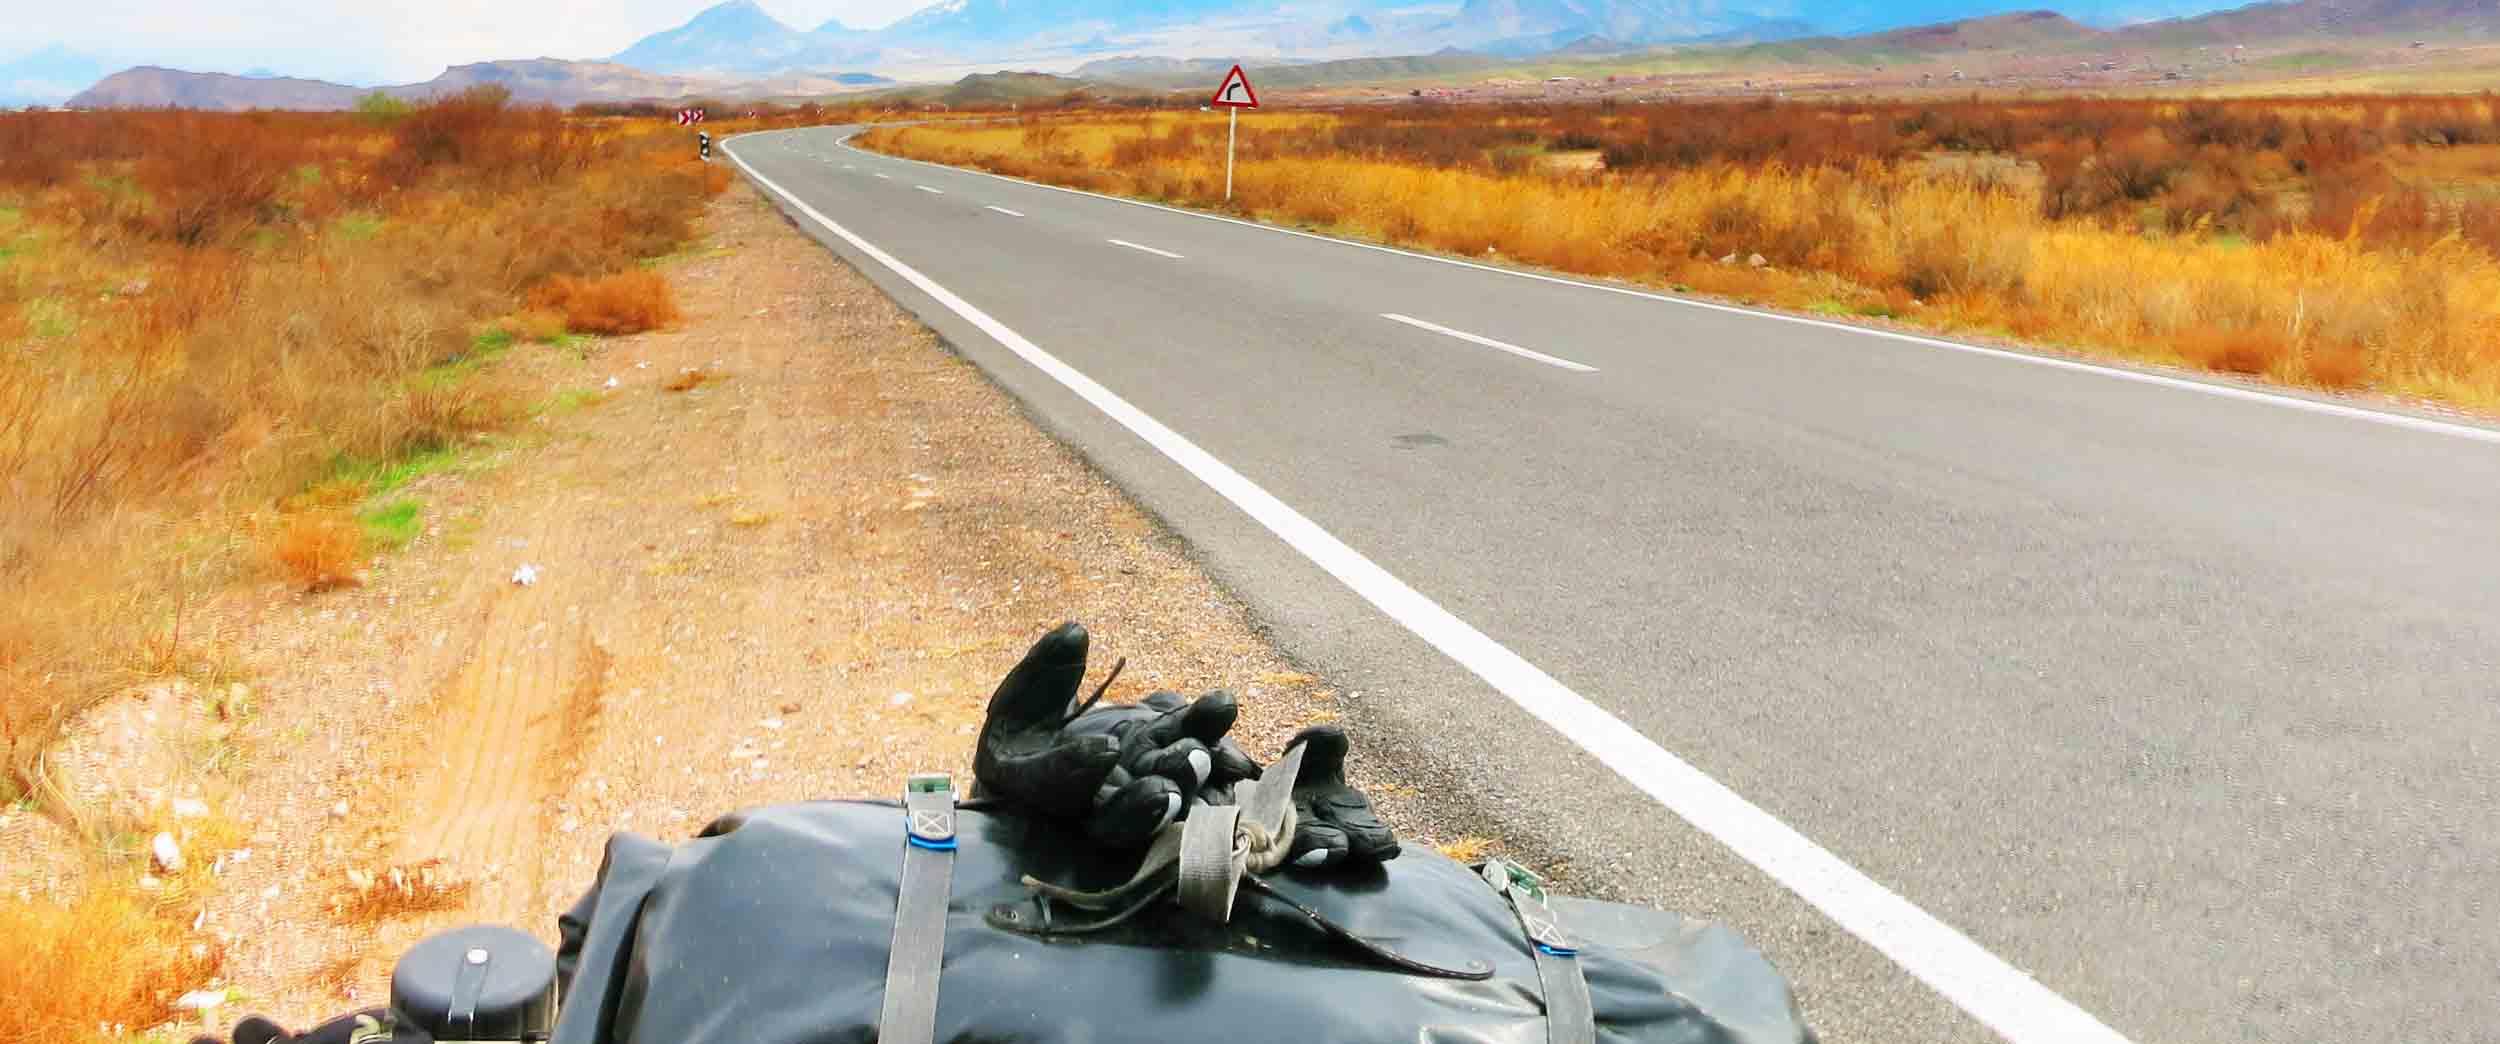 سفر جاده ای در ایران : راهنمای سفر ایرانگردی